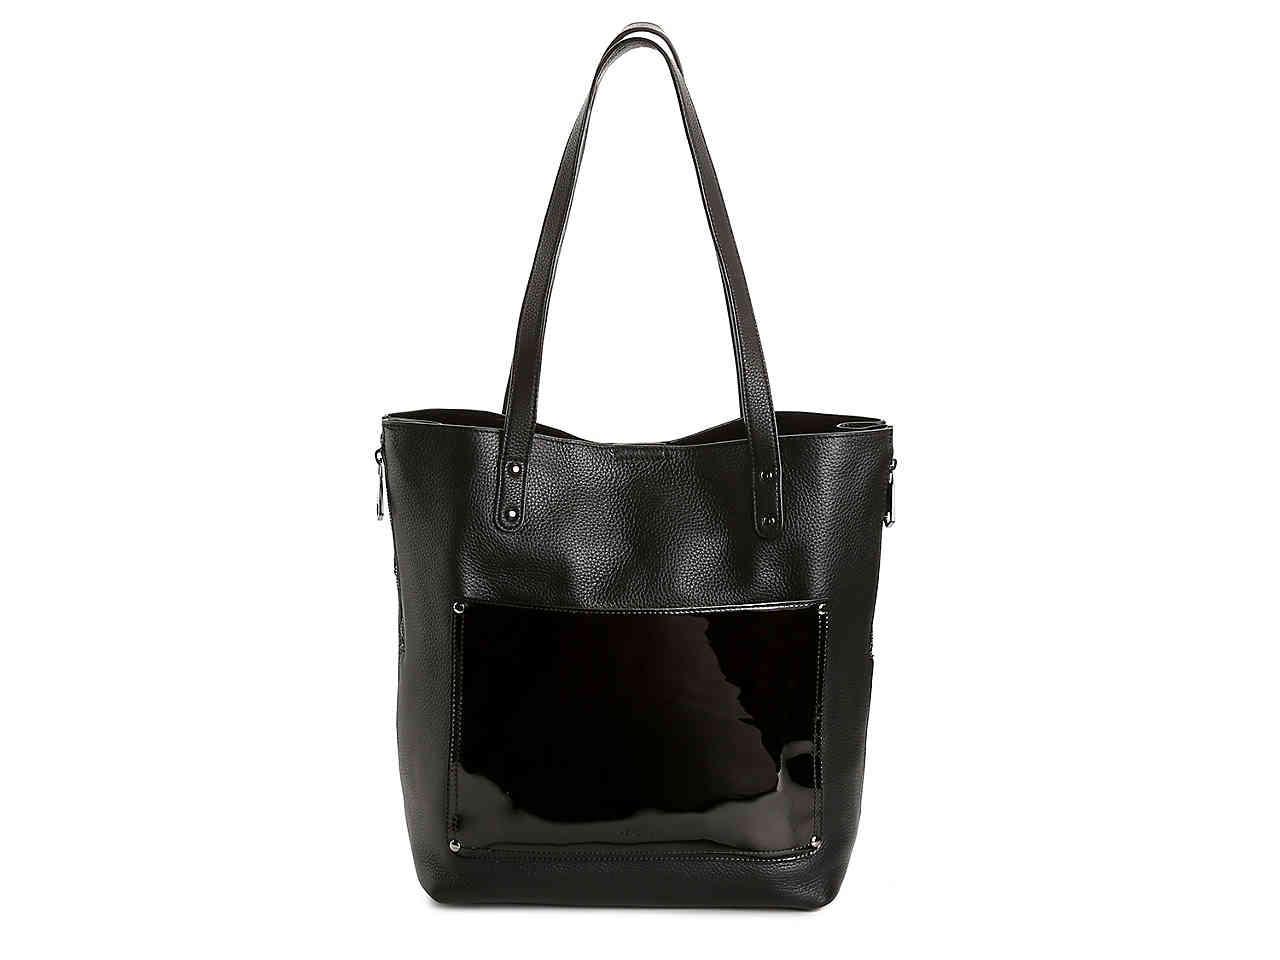 6c26e94c9f2b Lyst - Perlina Judi Leather Tote in Black